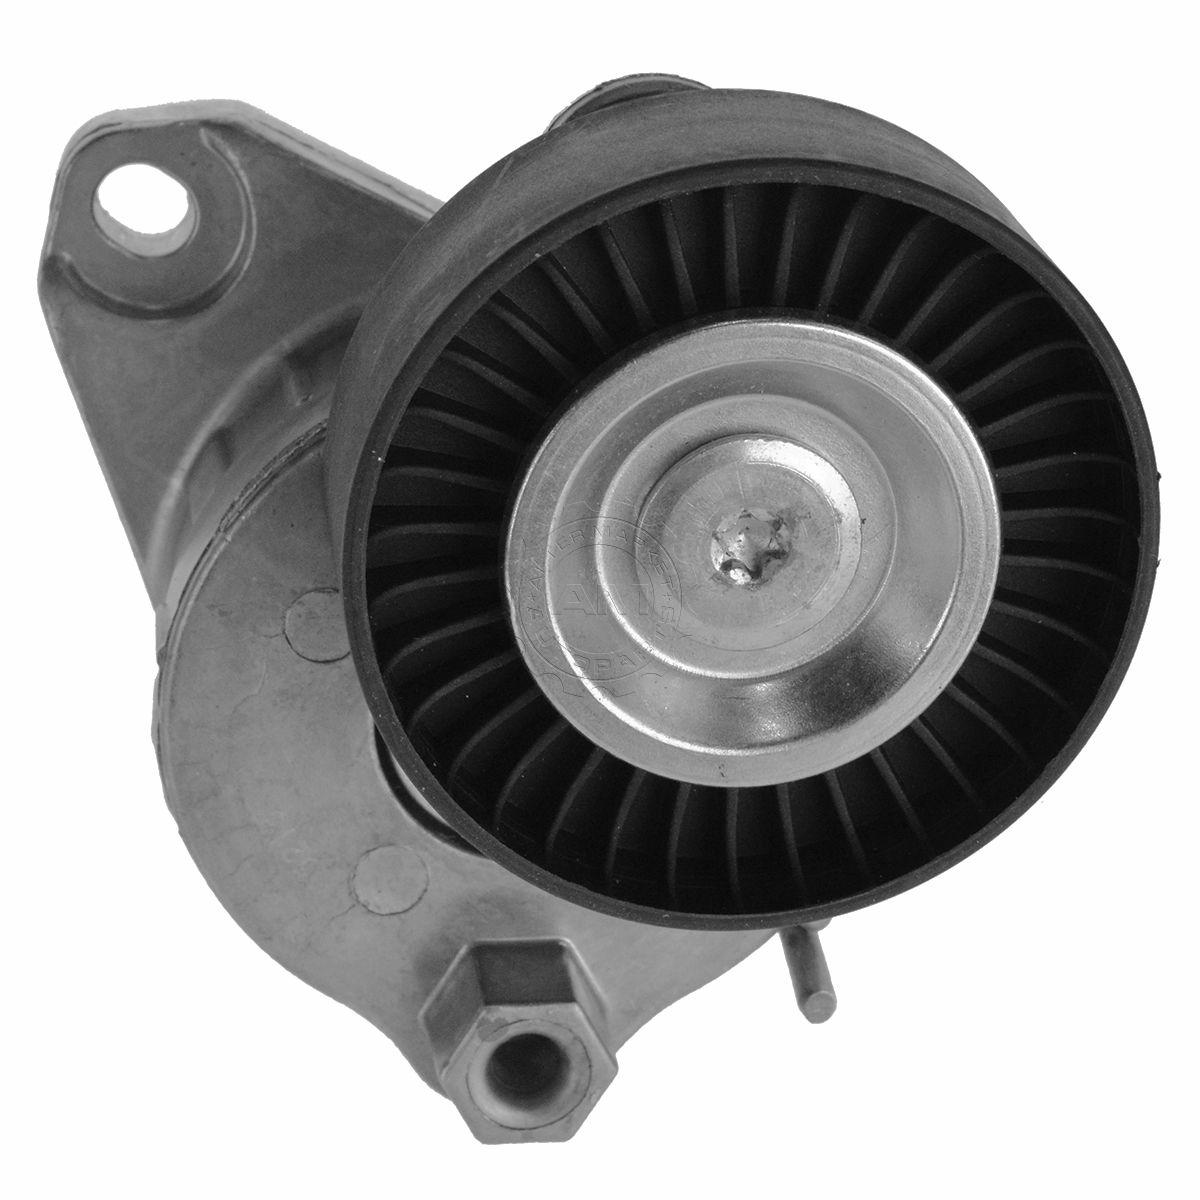 Serpentine belt tensioner pulley for mercedes benz ml s for Mercedes benz serpentine belt replacement